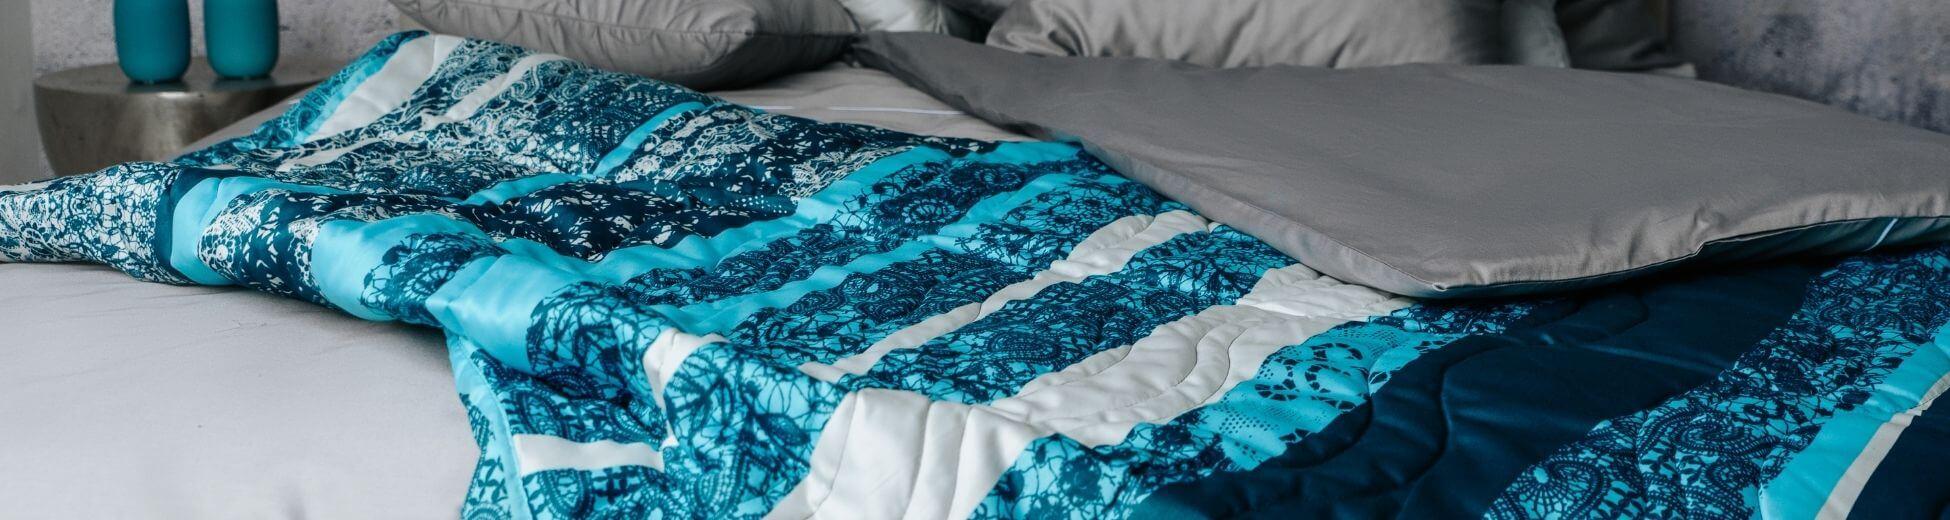 Pregrinjalo za posteljo